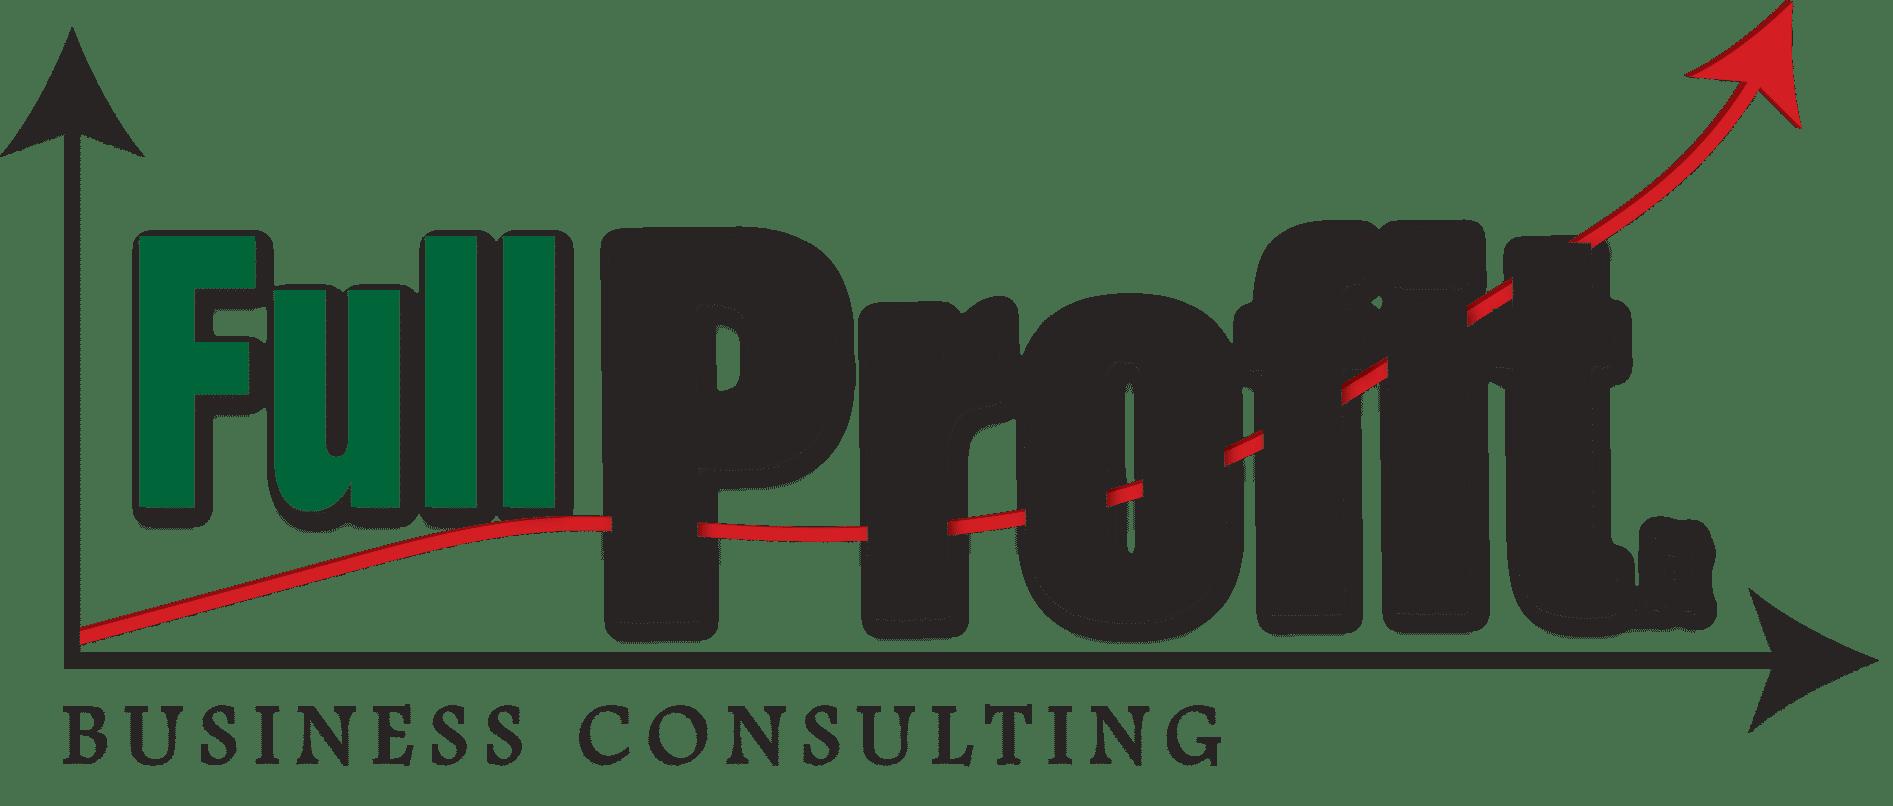 FullProfit